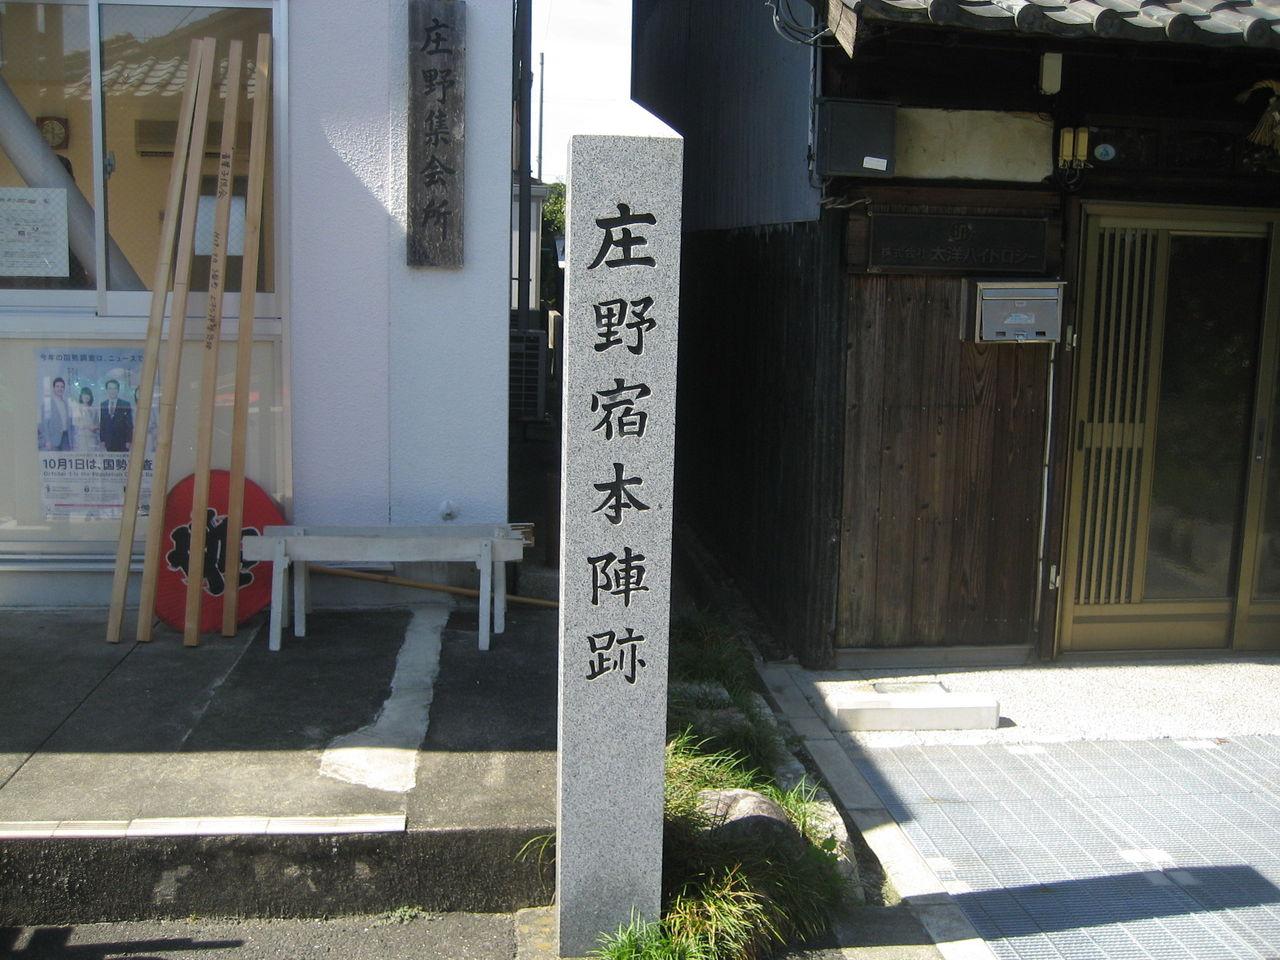 井田川駅~ | 不妊|漢方|鍼灸|大阪|卵子の質改善|不妊専門の三ツ川レディース漢方鍼灸院